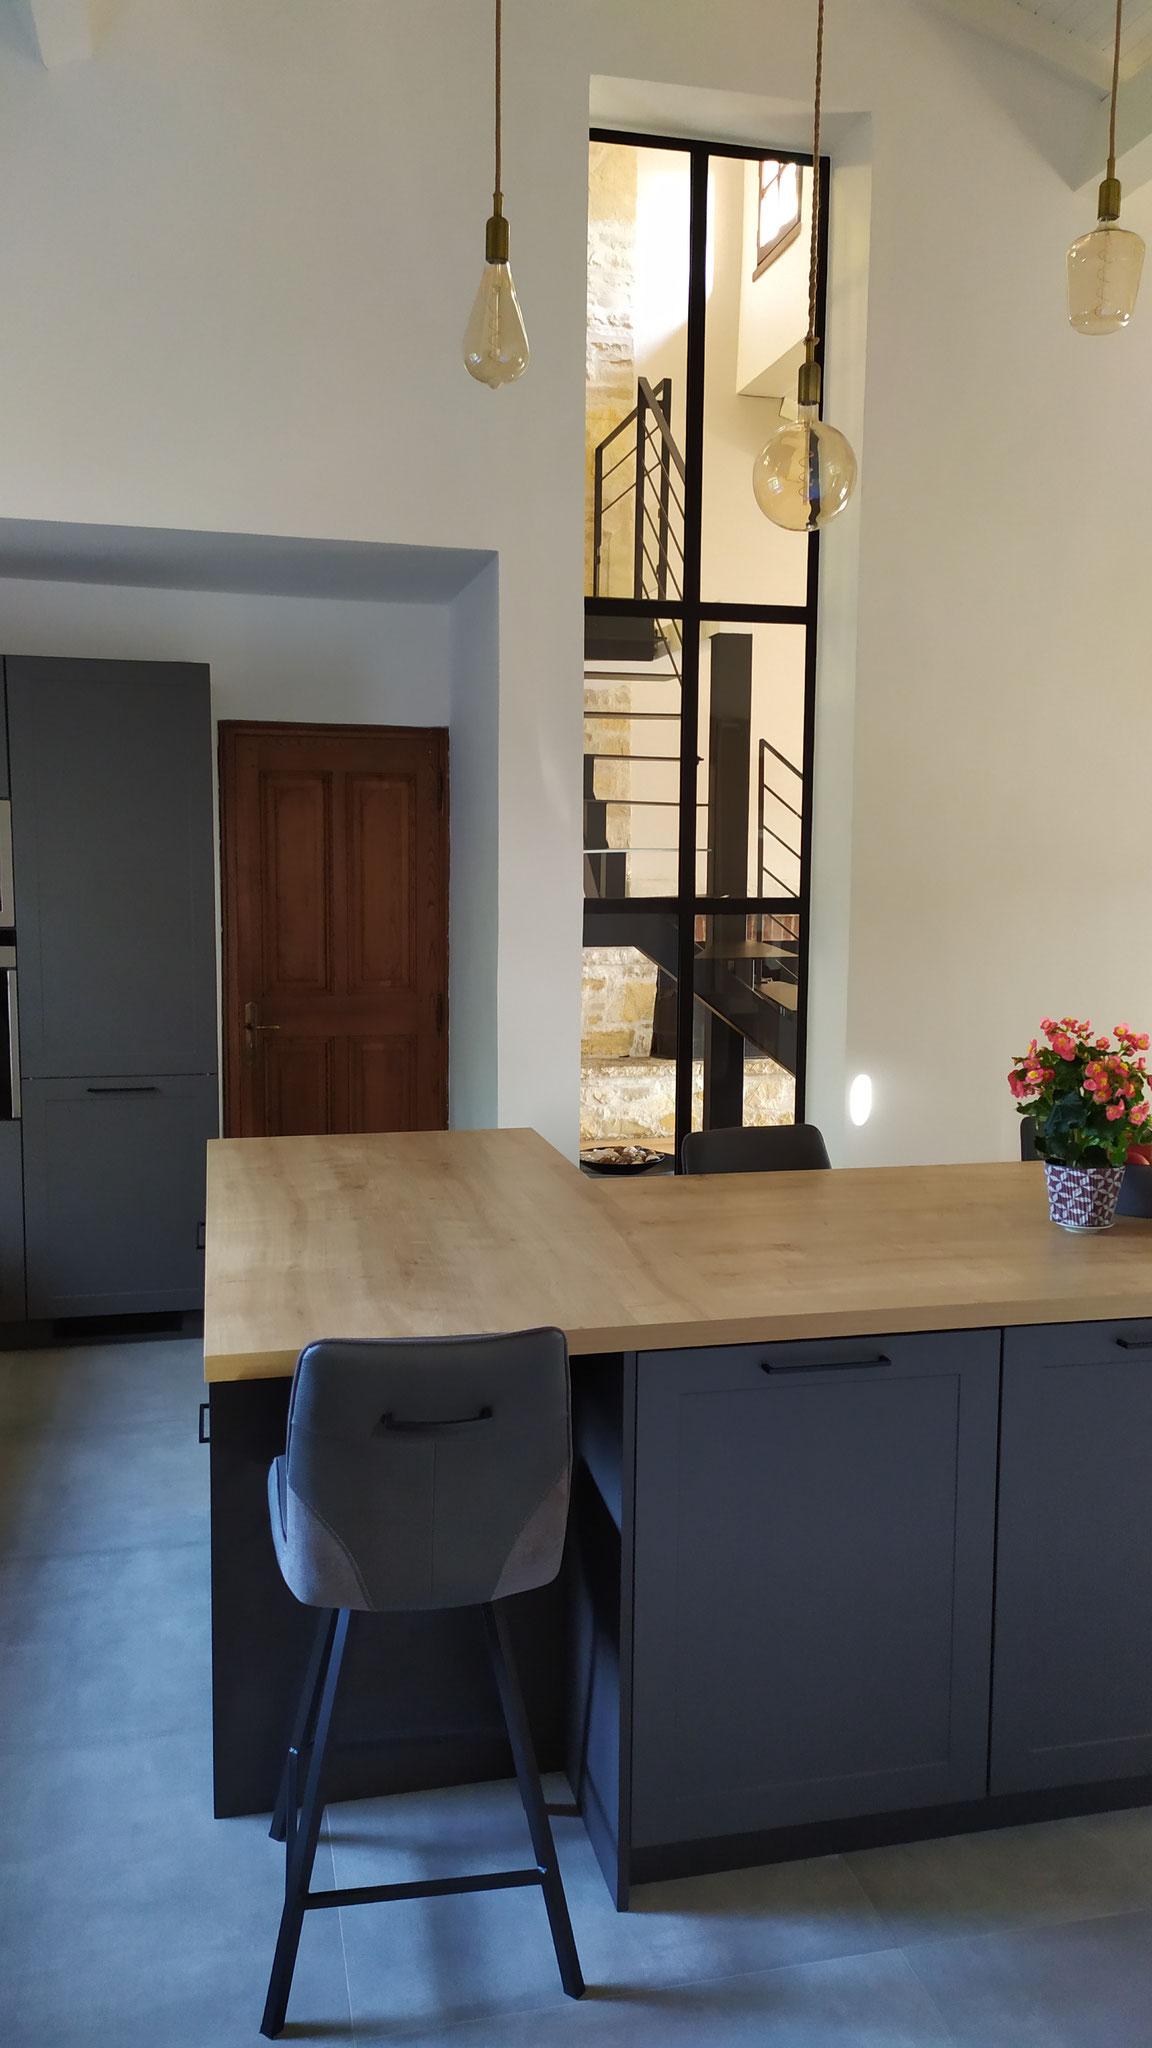 cuisine noire et bois bi matière dans maison de campagne à Pibrac 31 par Cuisine Design Toulouse